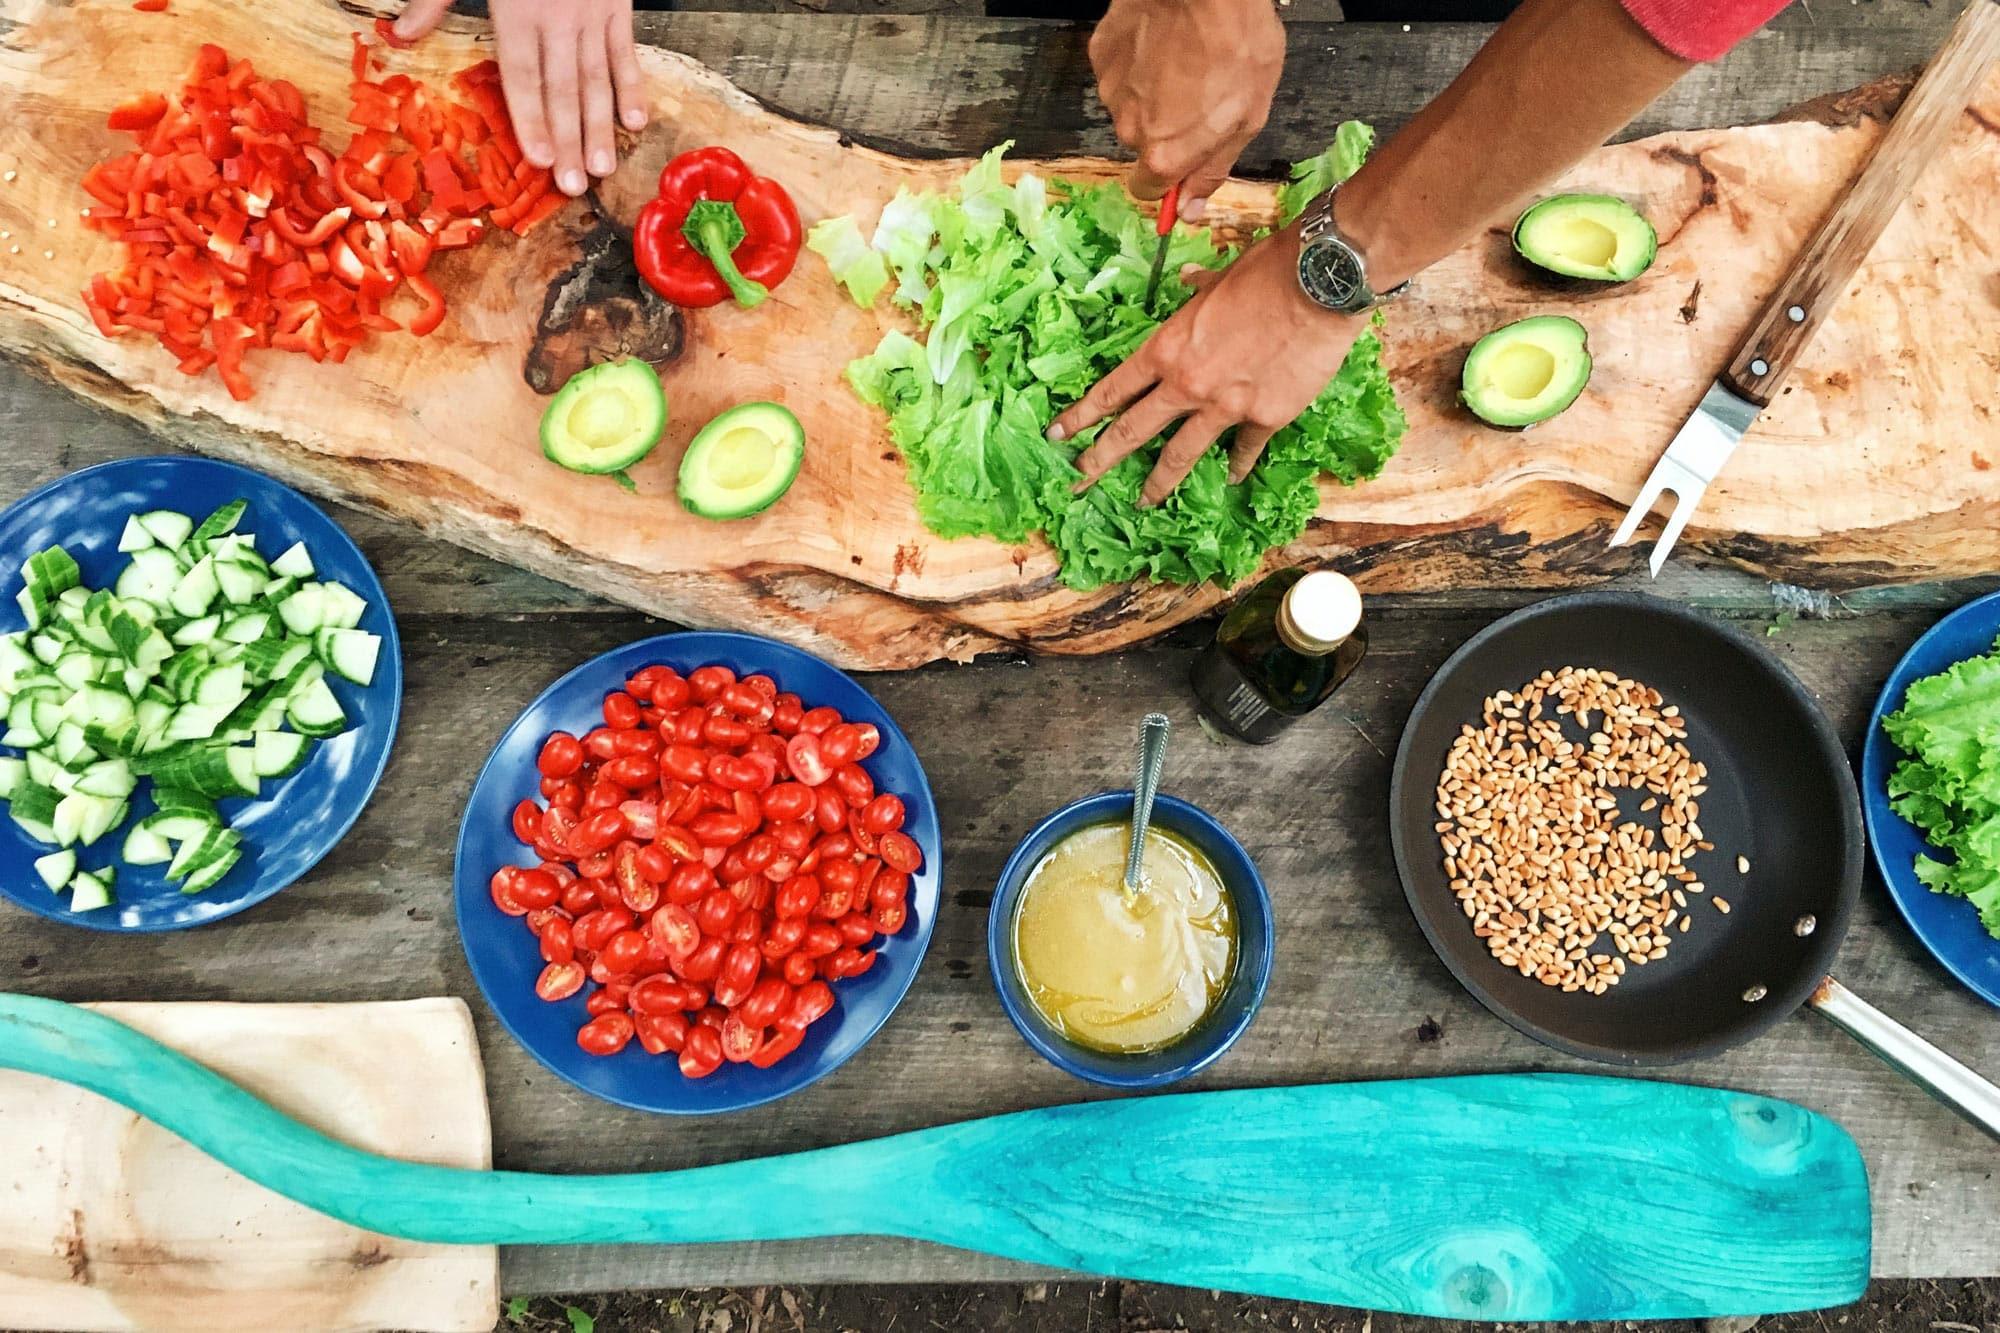 Auf einem Holztisch liegt viel geschnittenes Gemüse, wie Tomaten und Gurken. Dabei werden von zwei Paar Hände noch Paprika und Salat klein geschnitten.